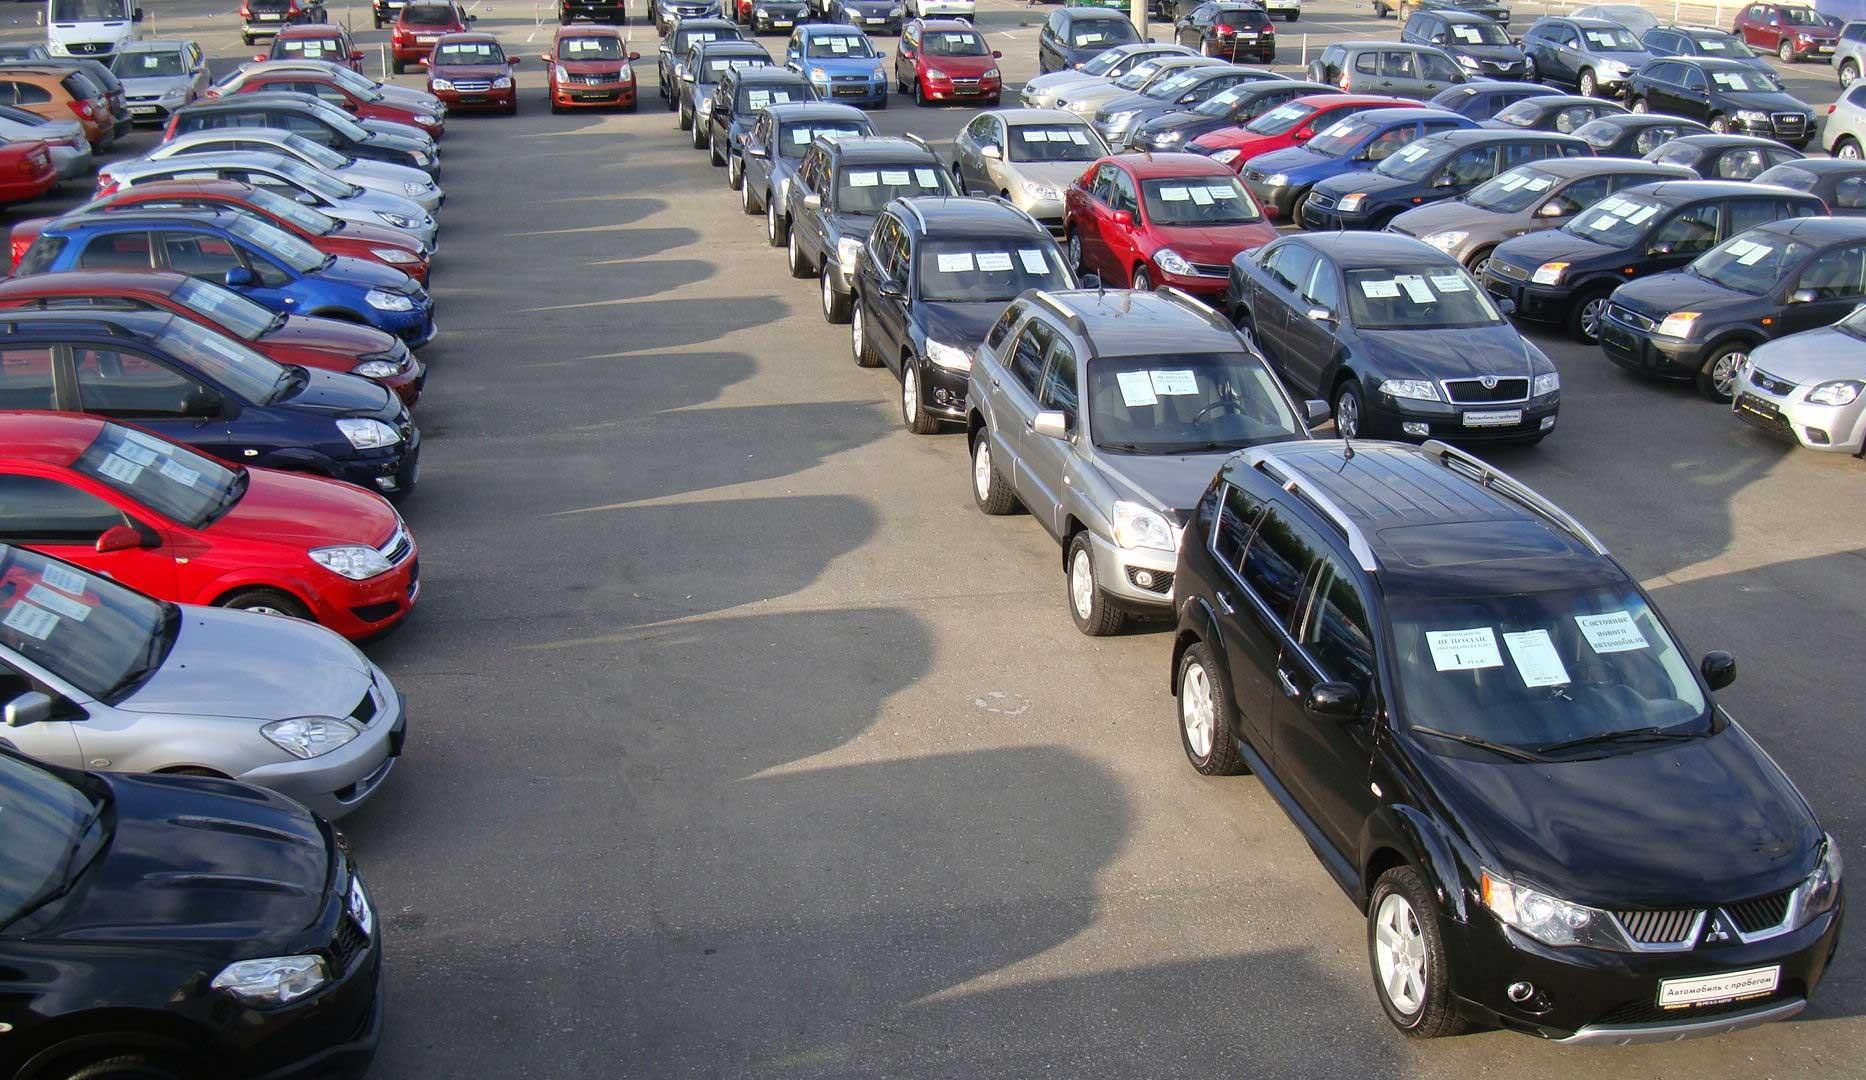 цены предложения продажа бу машины в россие сварила целую